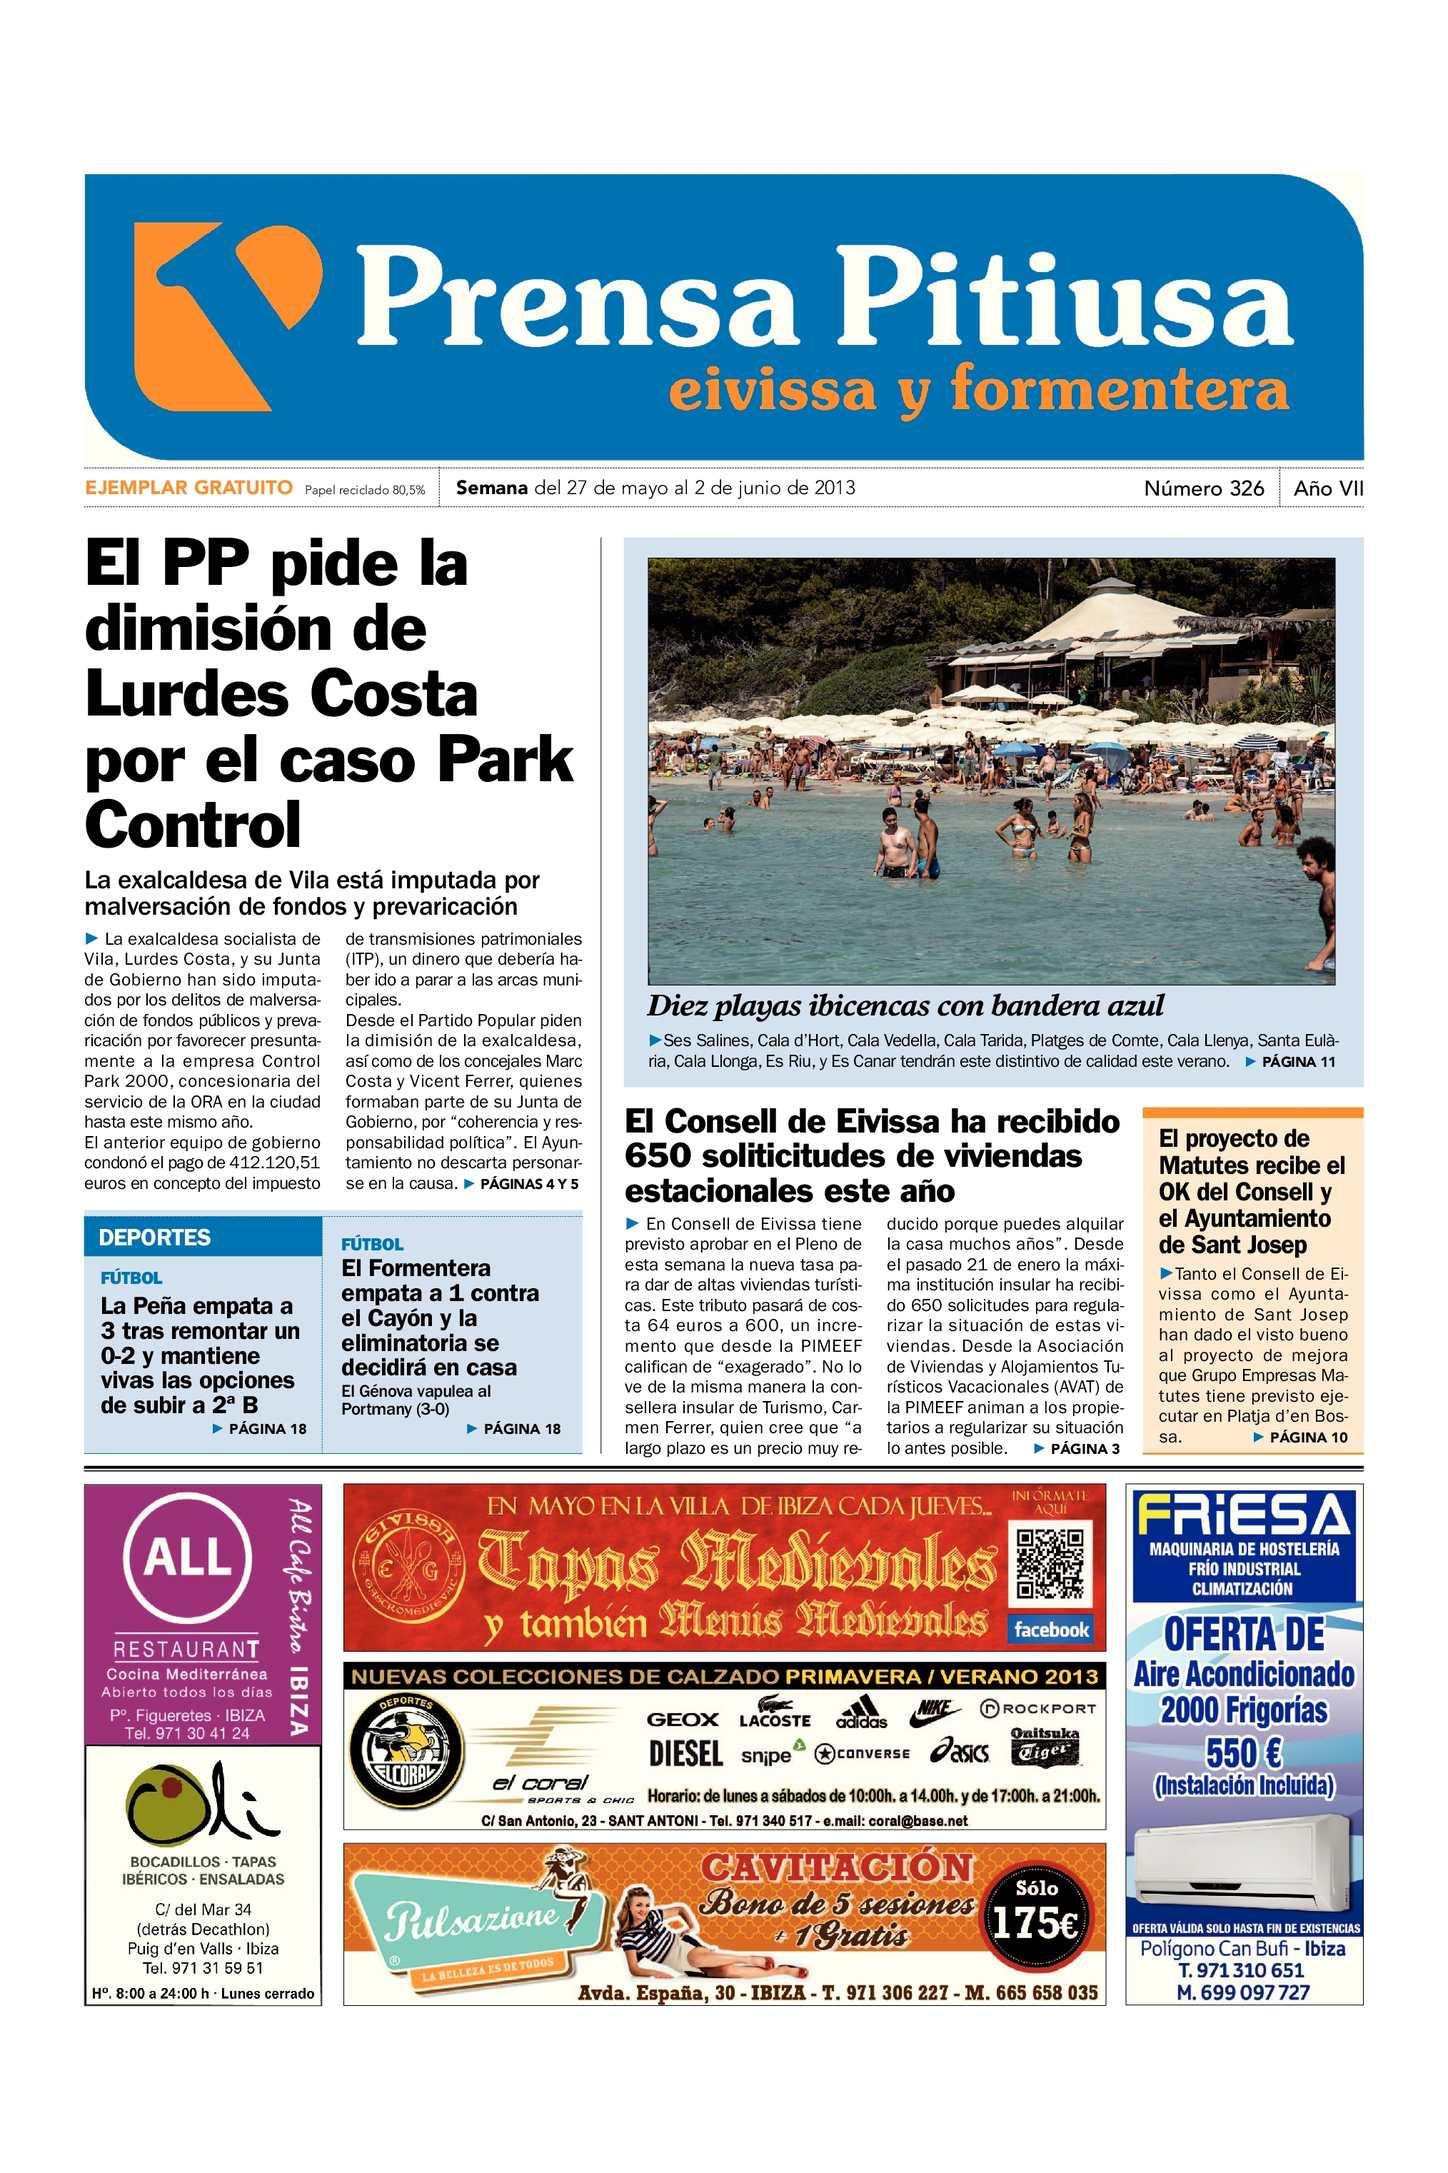 Calaméo - Prensa Pitiusa edición 326